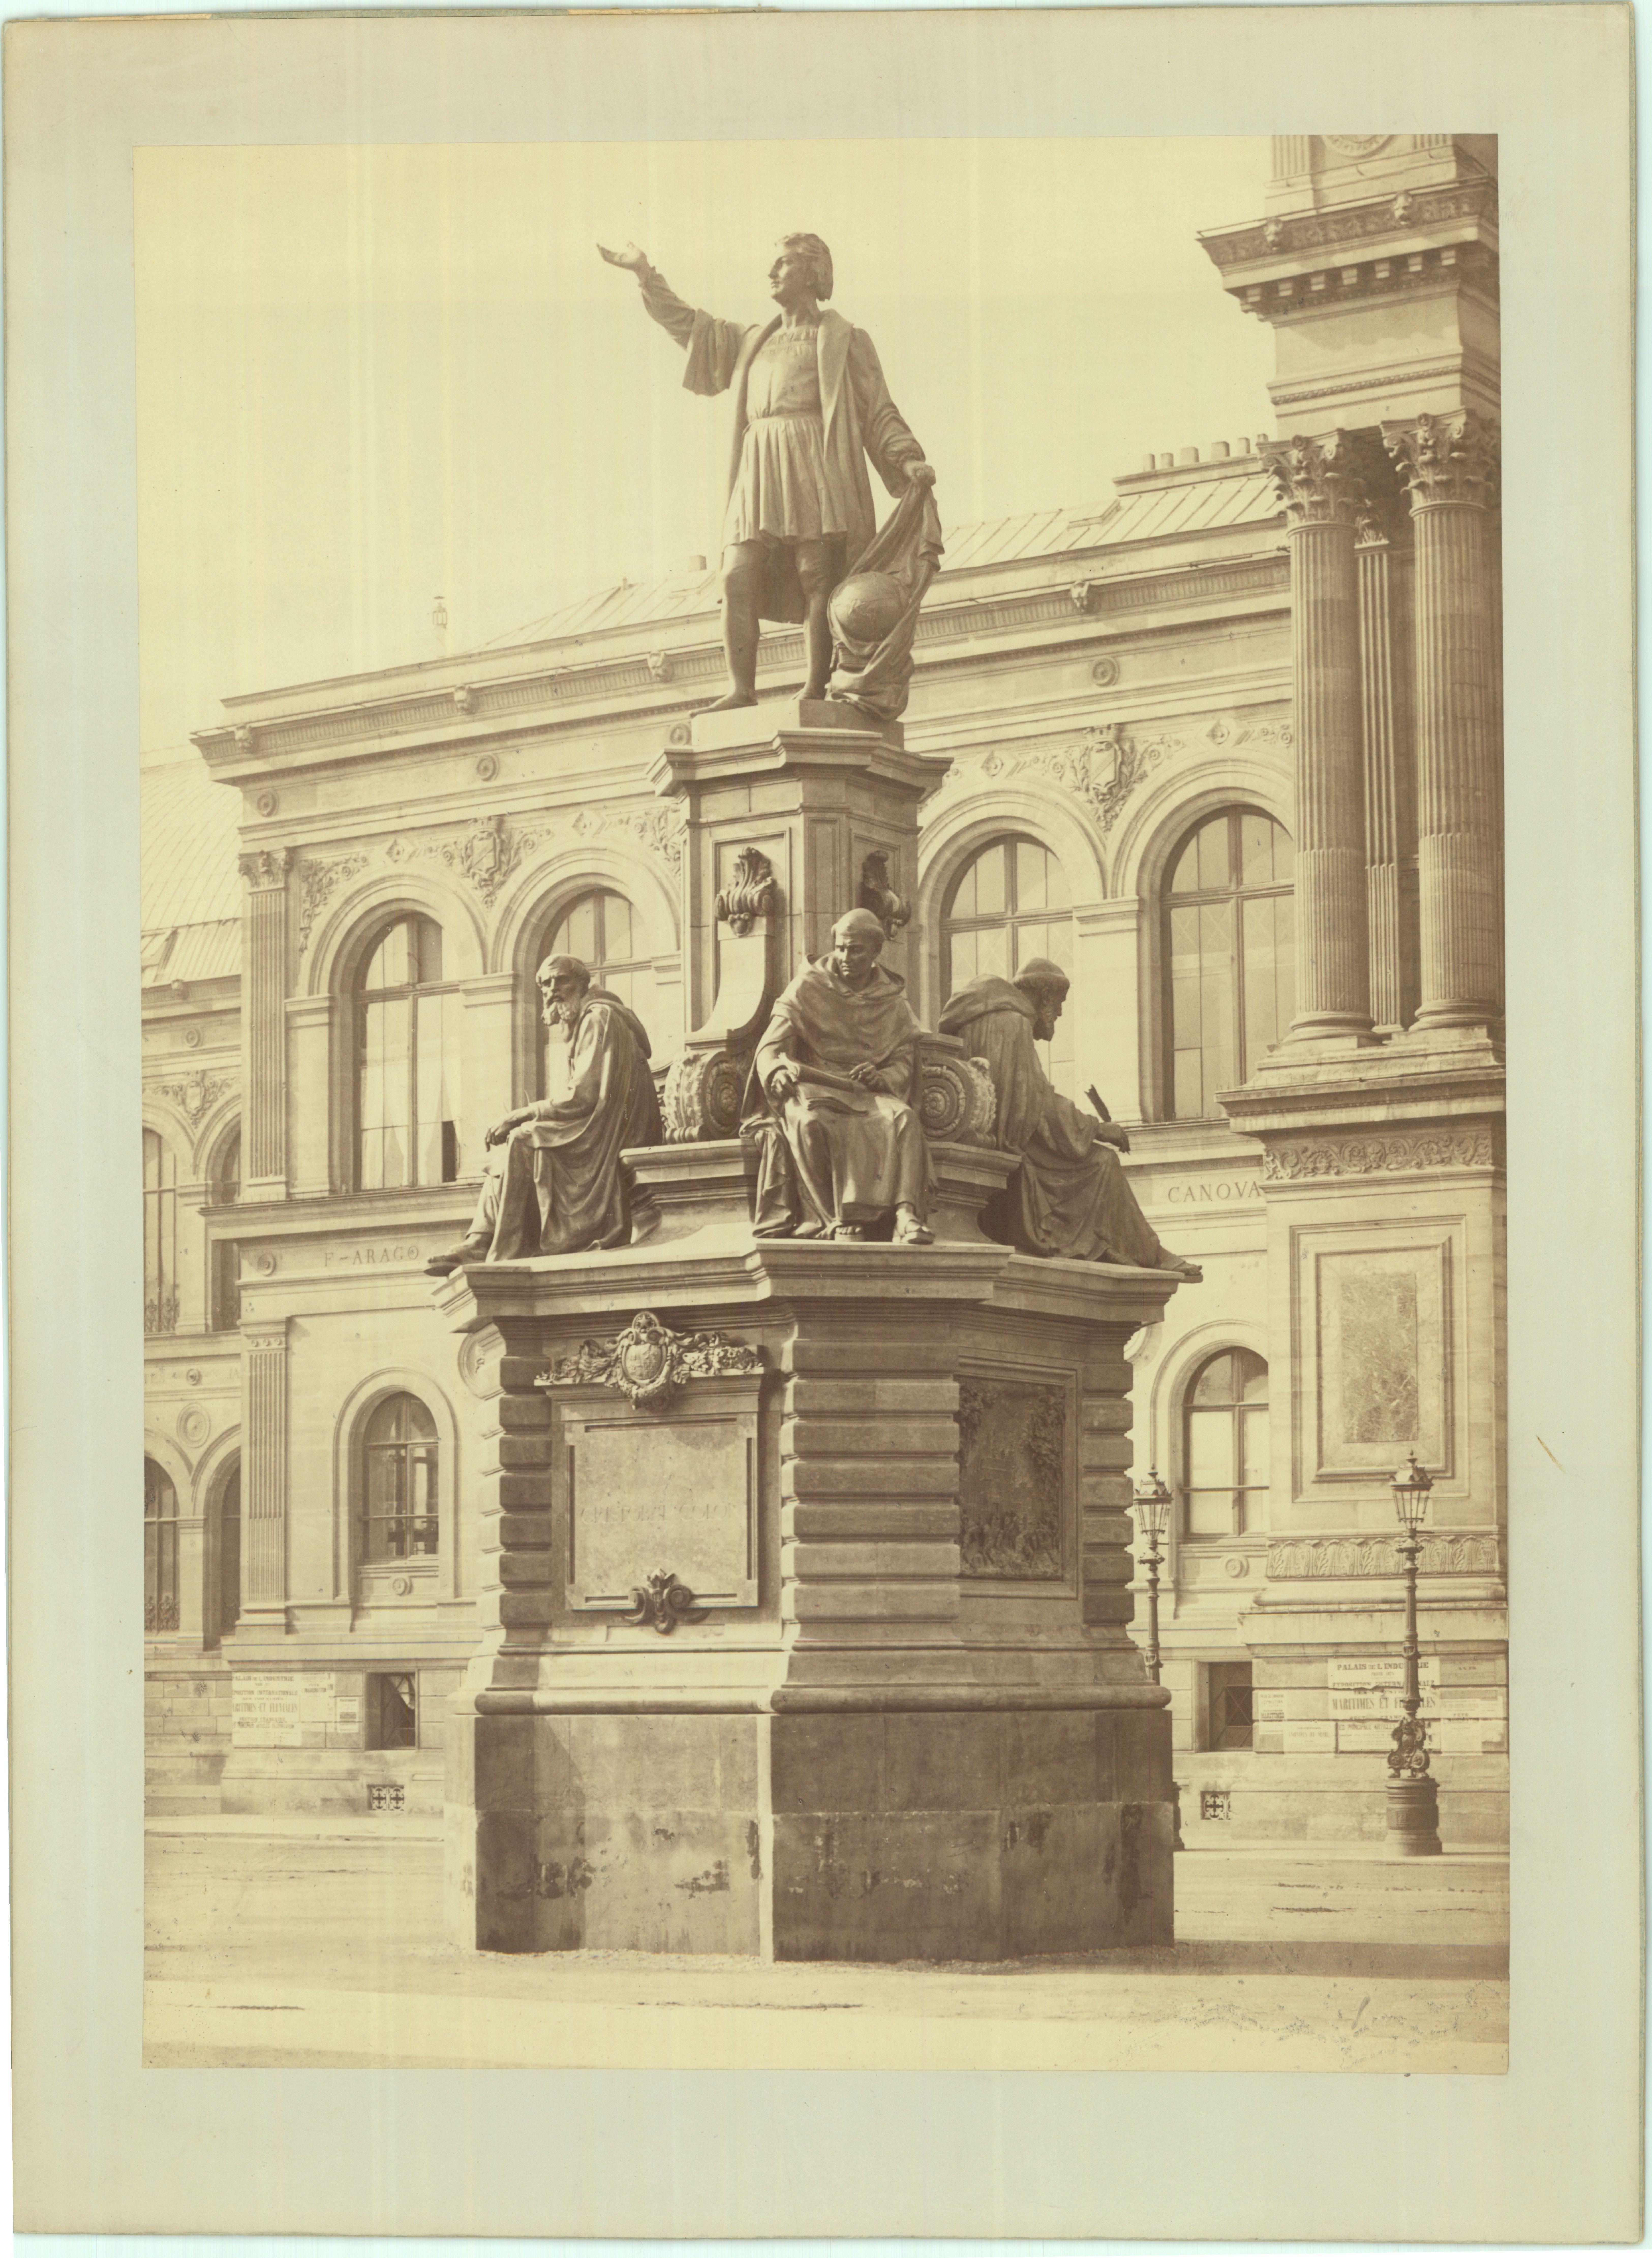 En el acervo de la Mapoteca Manuel Orozco y Berra, se encuentra una ilustración de la estatua del navegante, cartógrafo y geógrafo español, Crstóbal Colón, misma que ahora se conoce como el Monumento a Colón y se puede apreciar en Paseo de la Reforma.